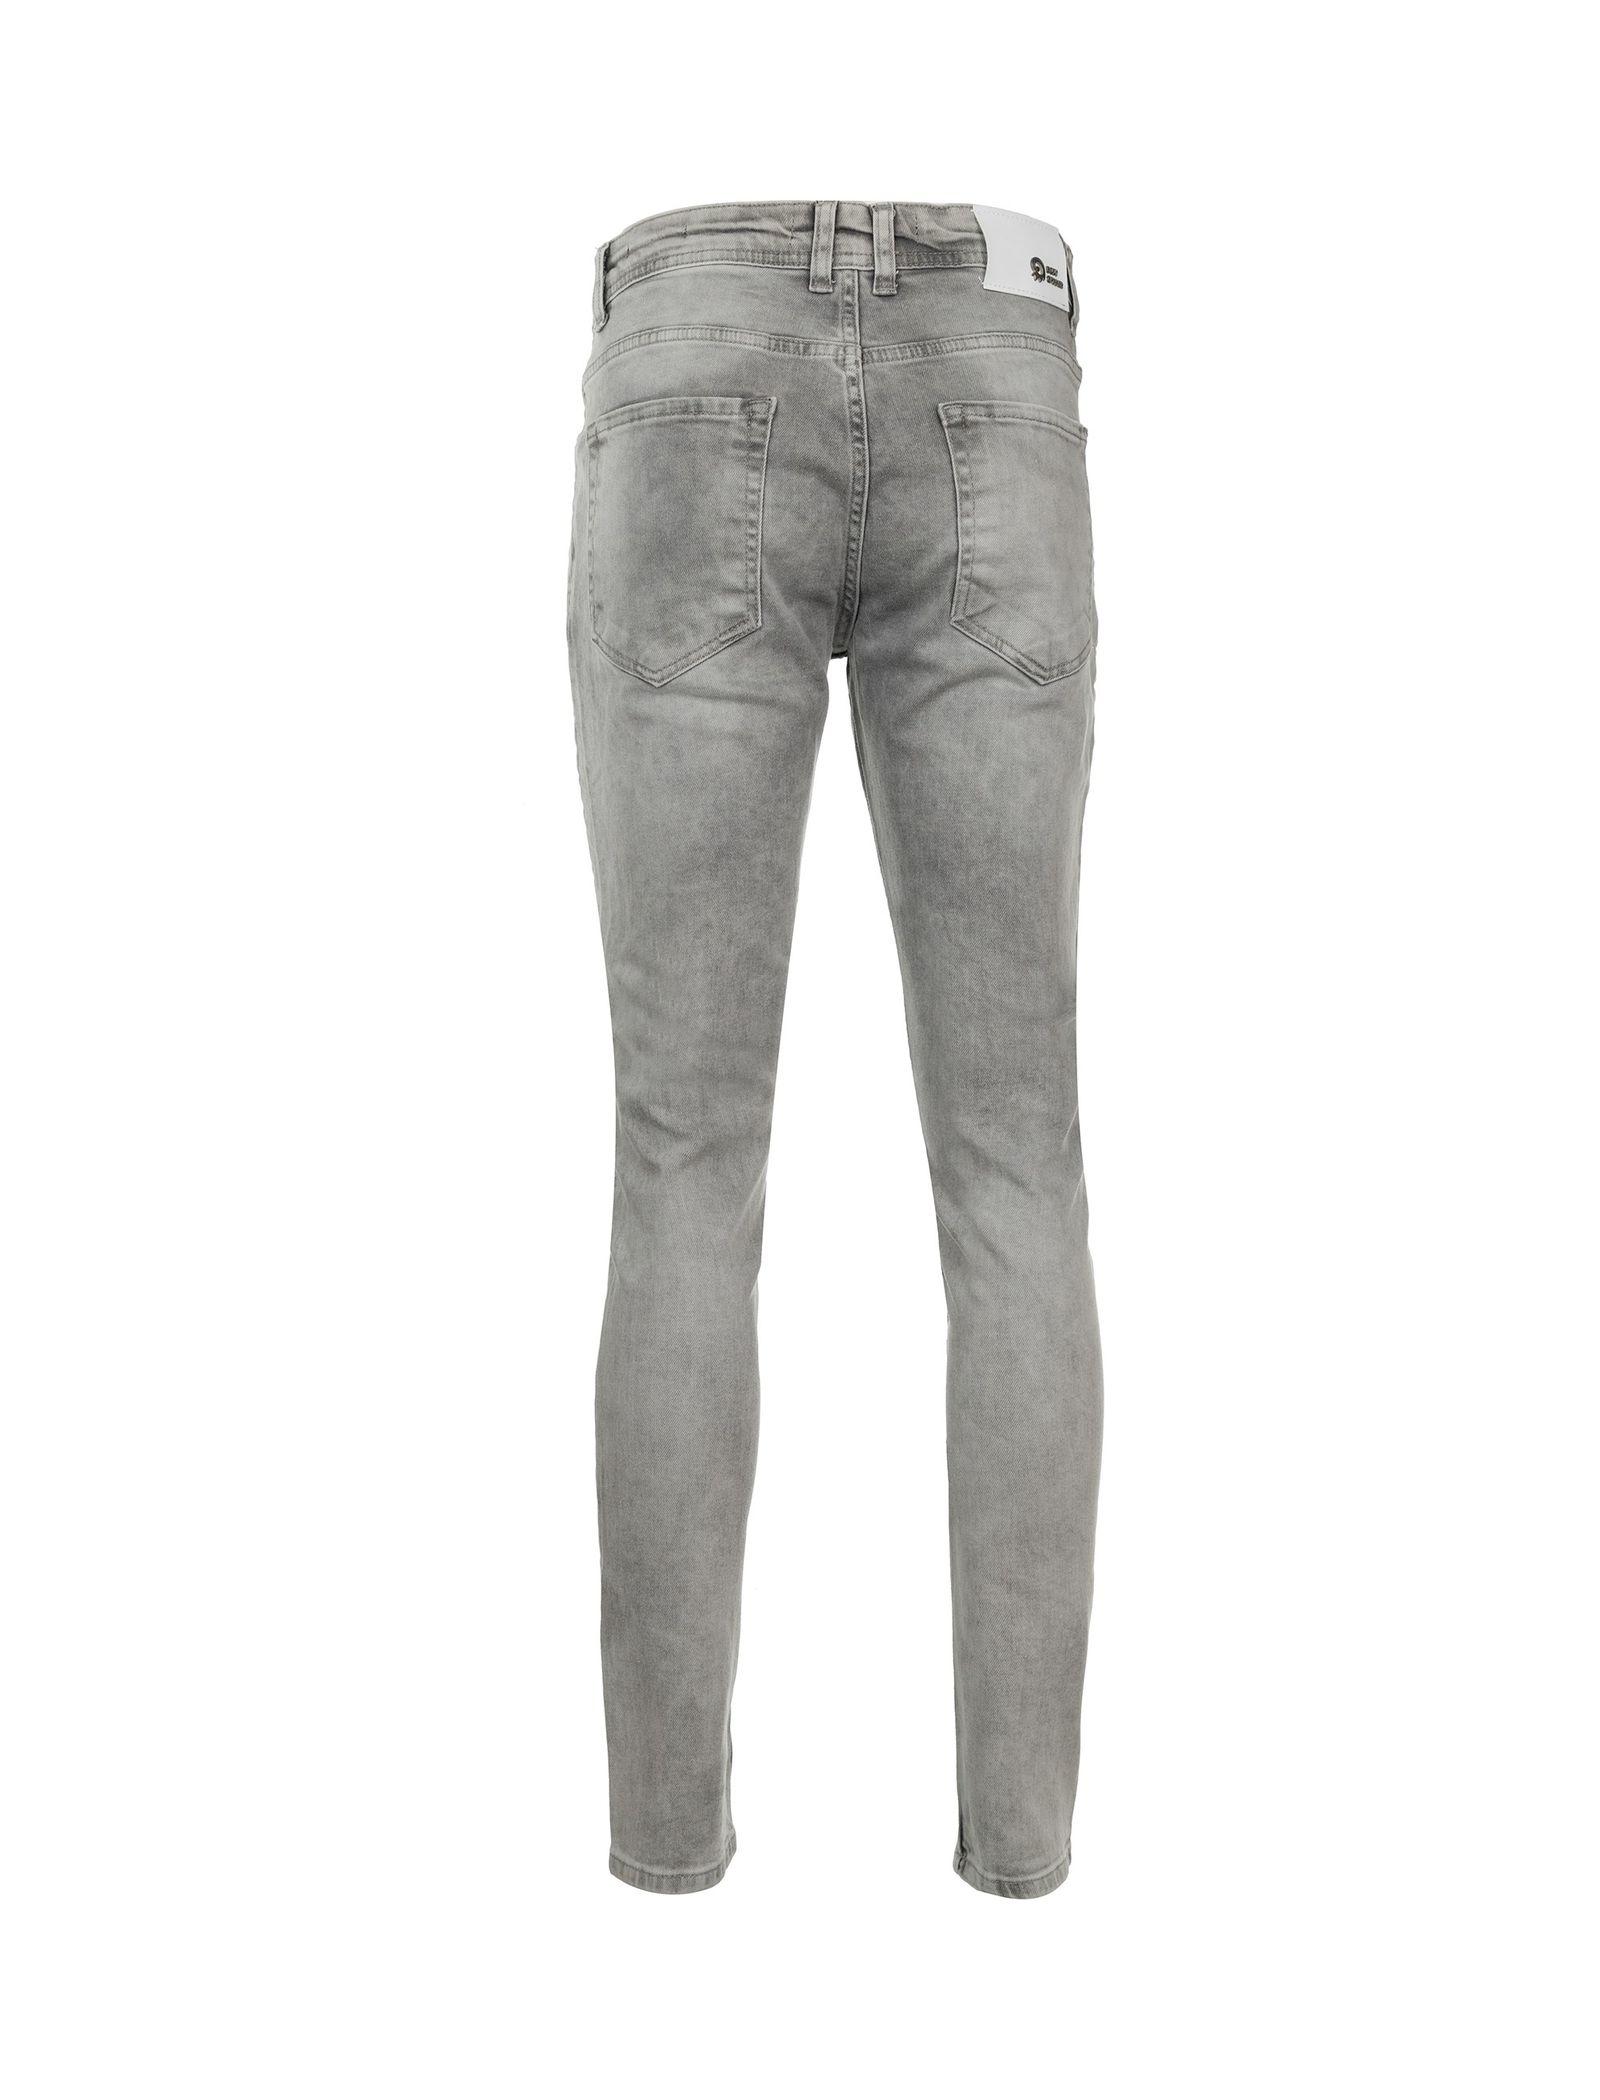 شلوار جین راسته مردانه - بادی اسپینر - طوسي - 2